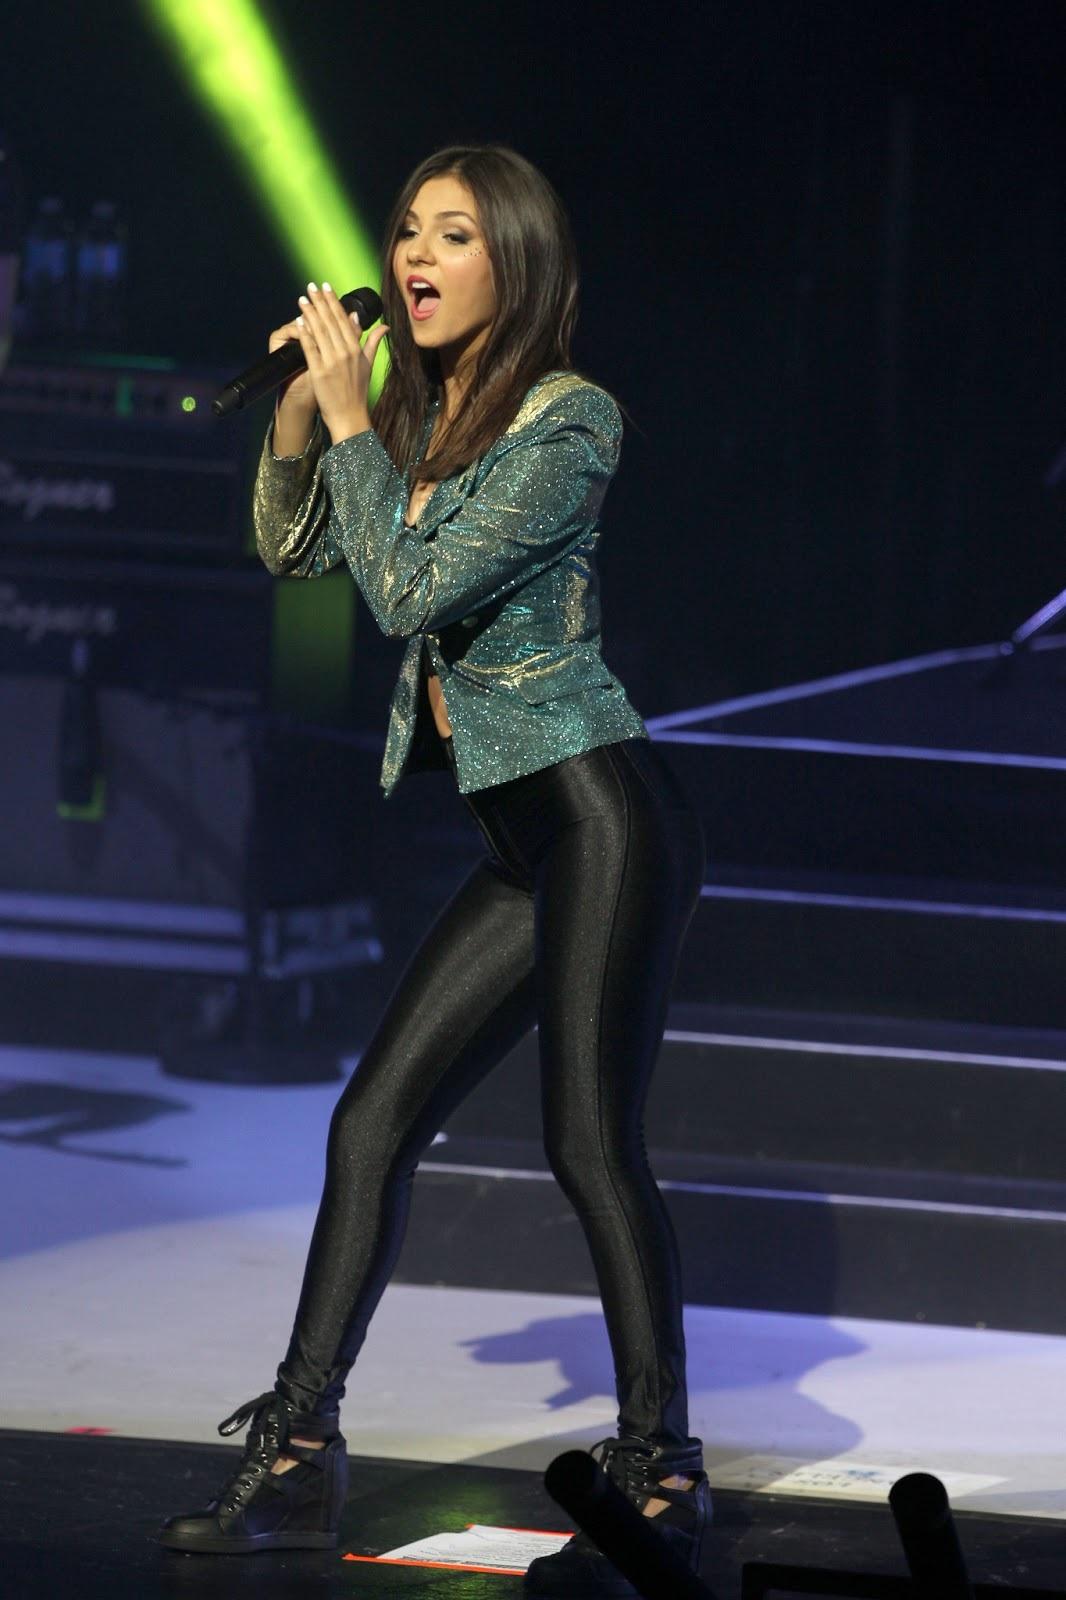 Victoria justice tights